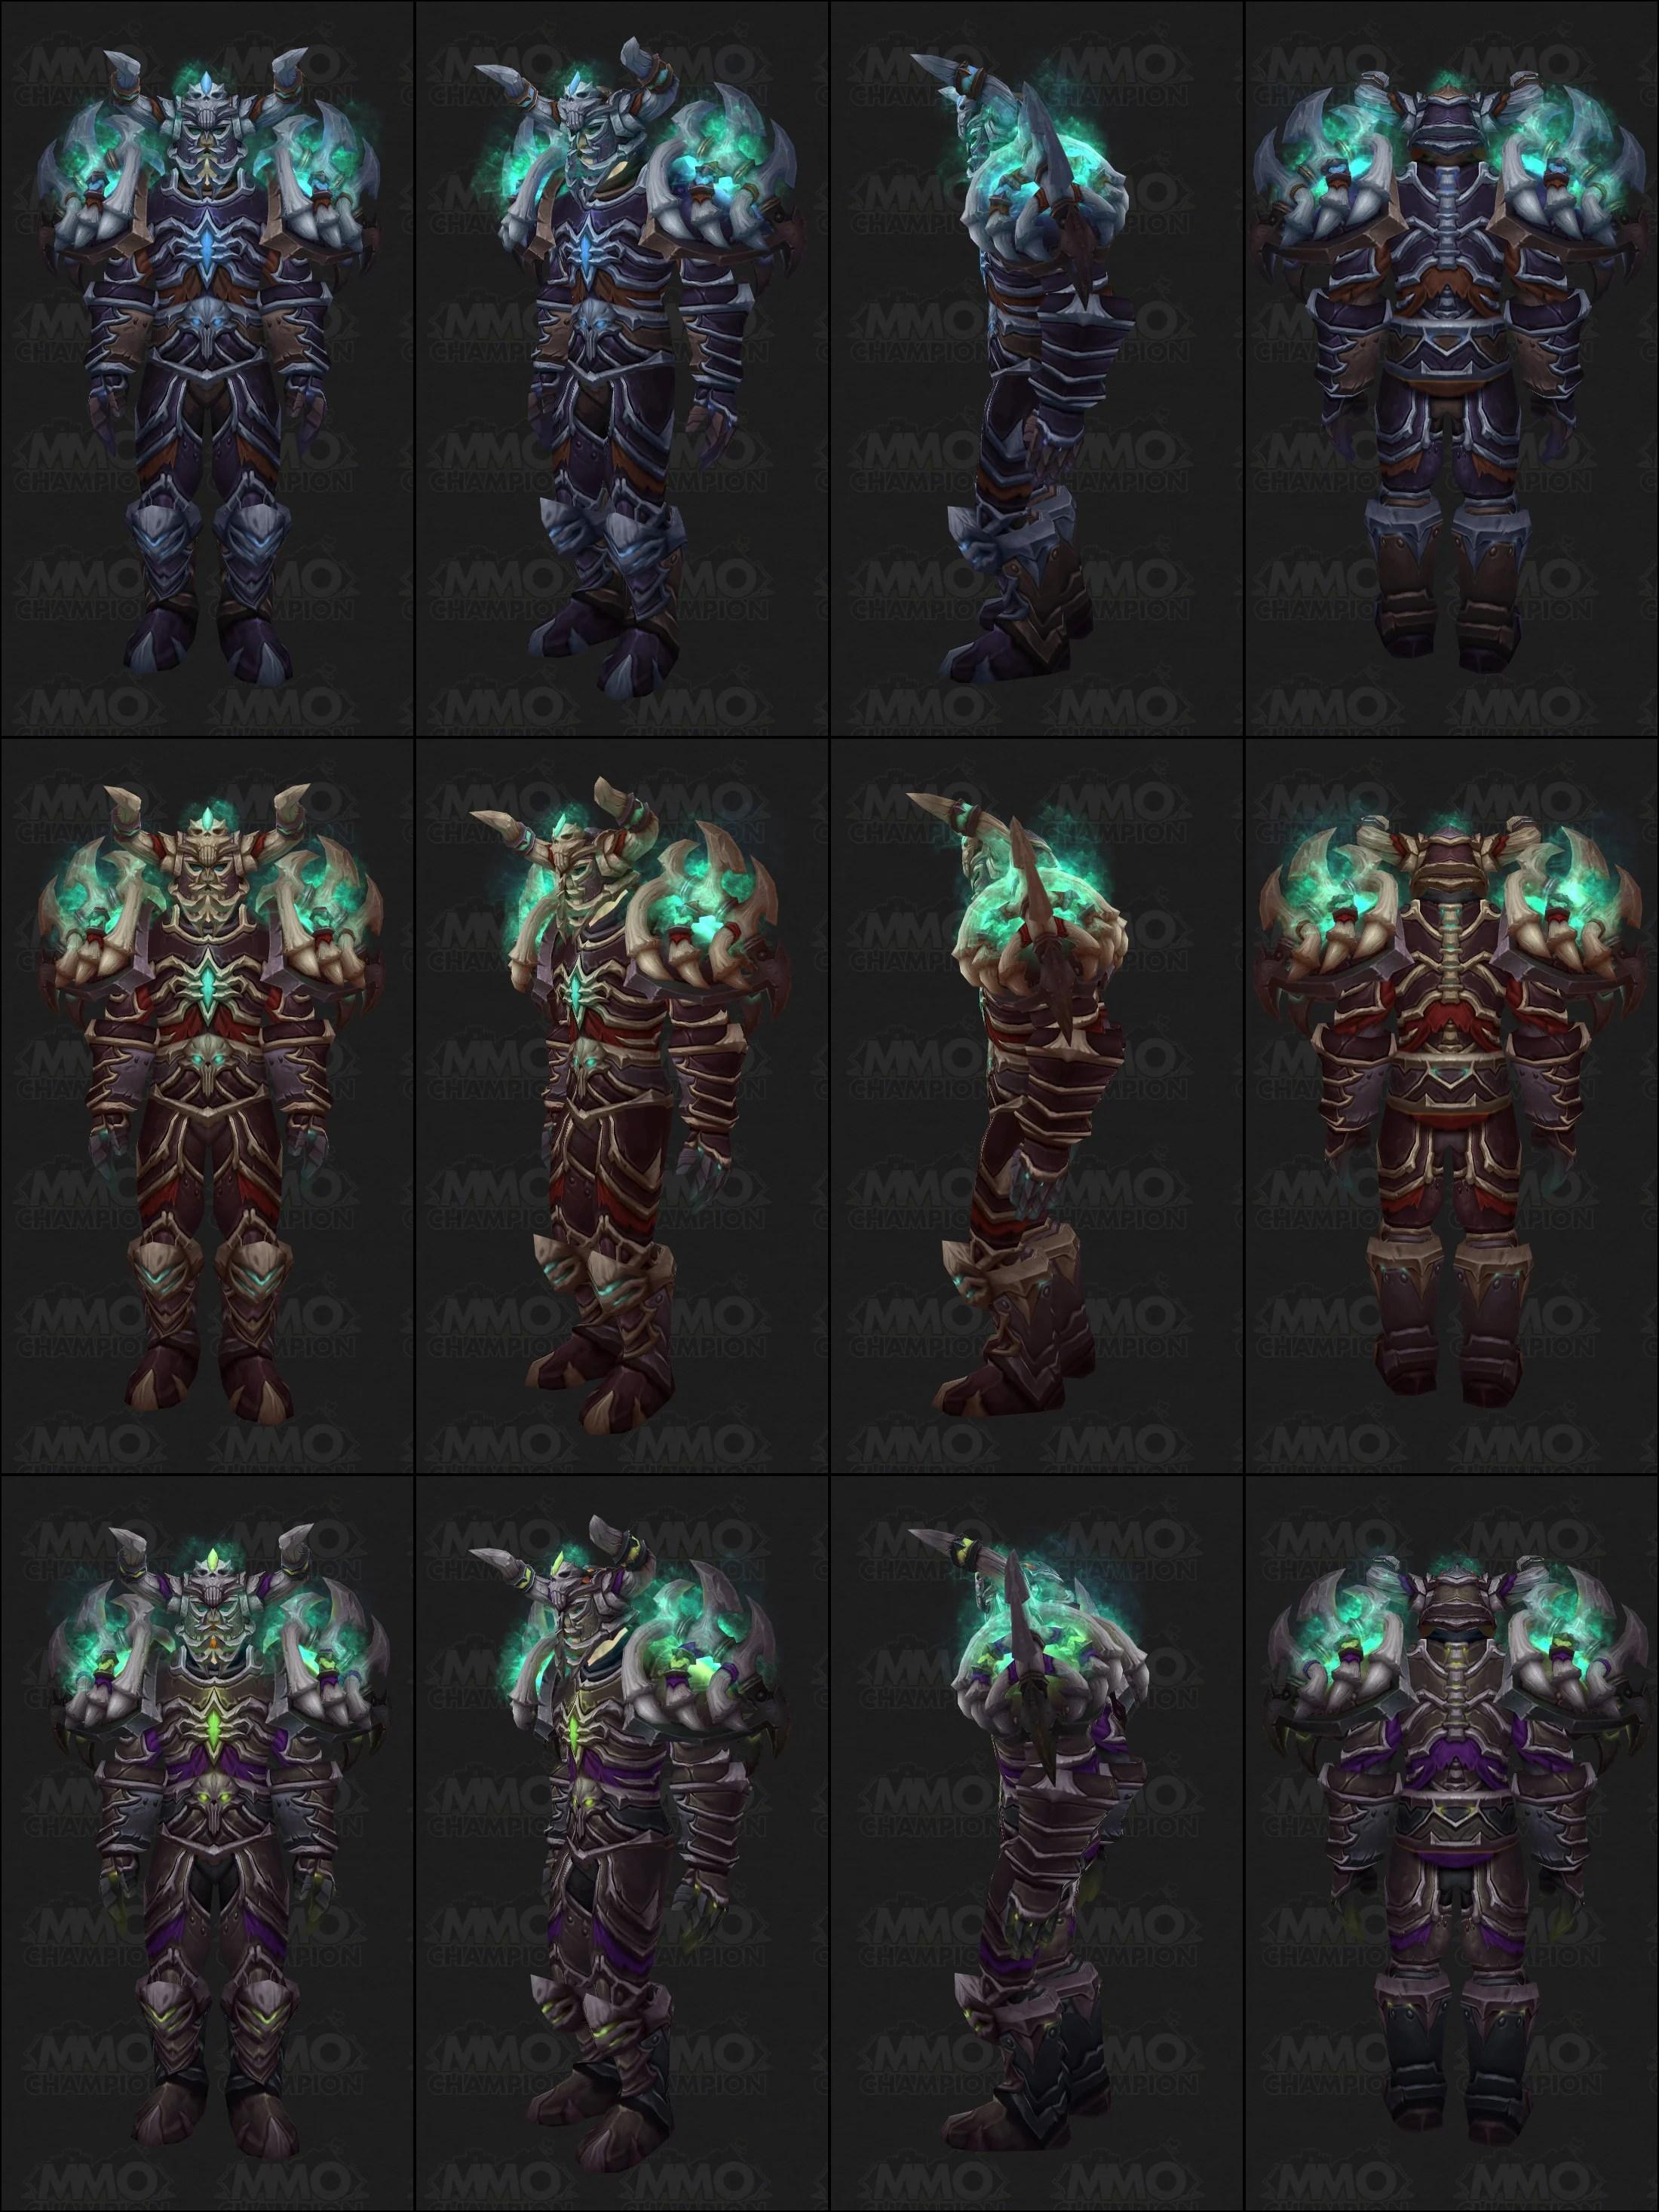 tier 13 death knight armor